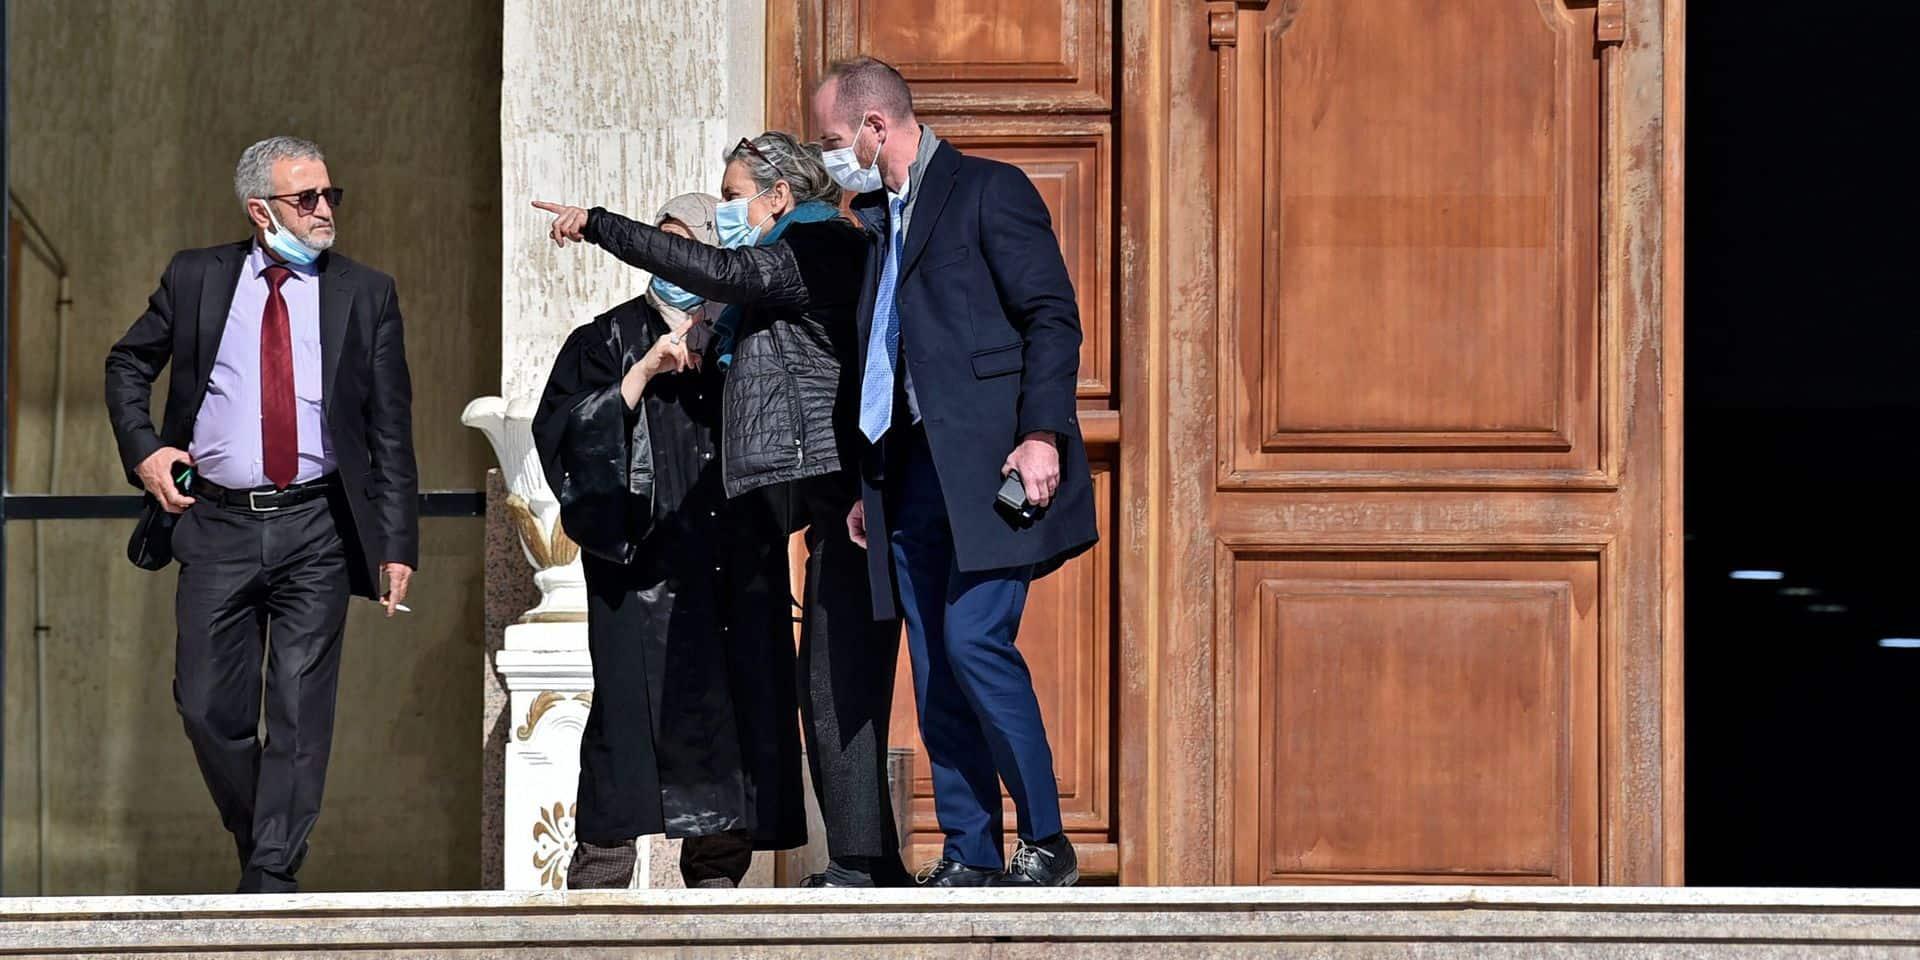 Ouverture à Alger du procès Gourdel, le Français décapité en 2014